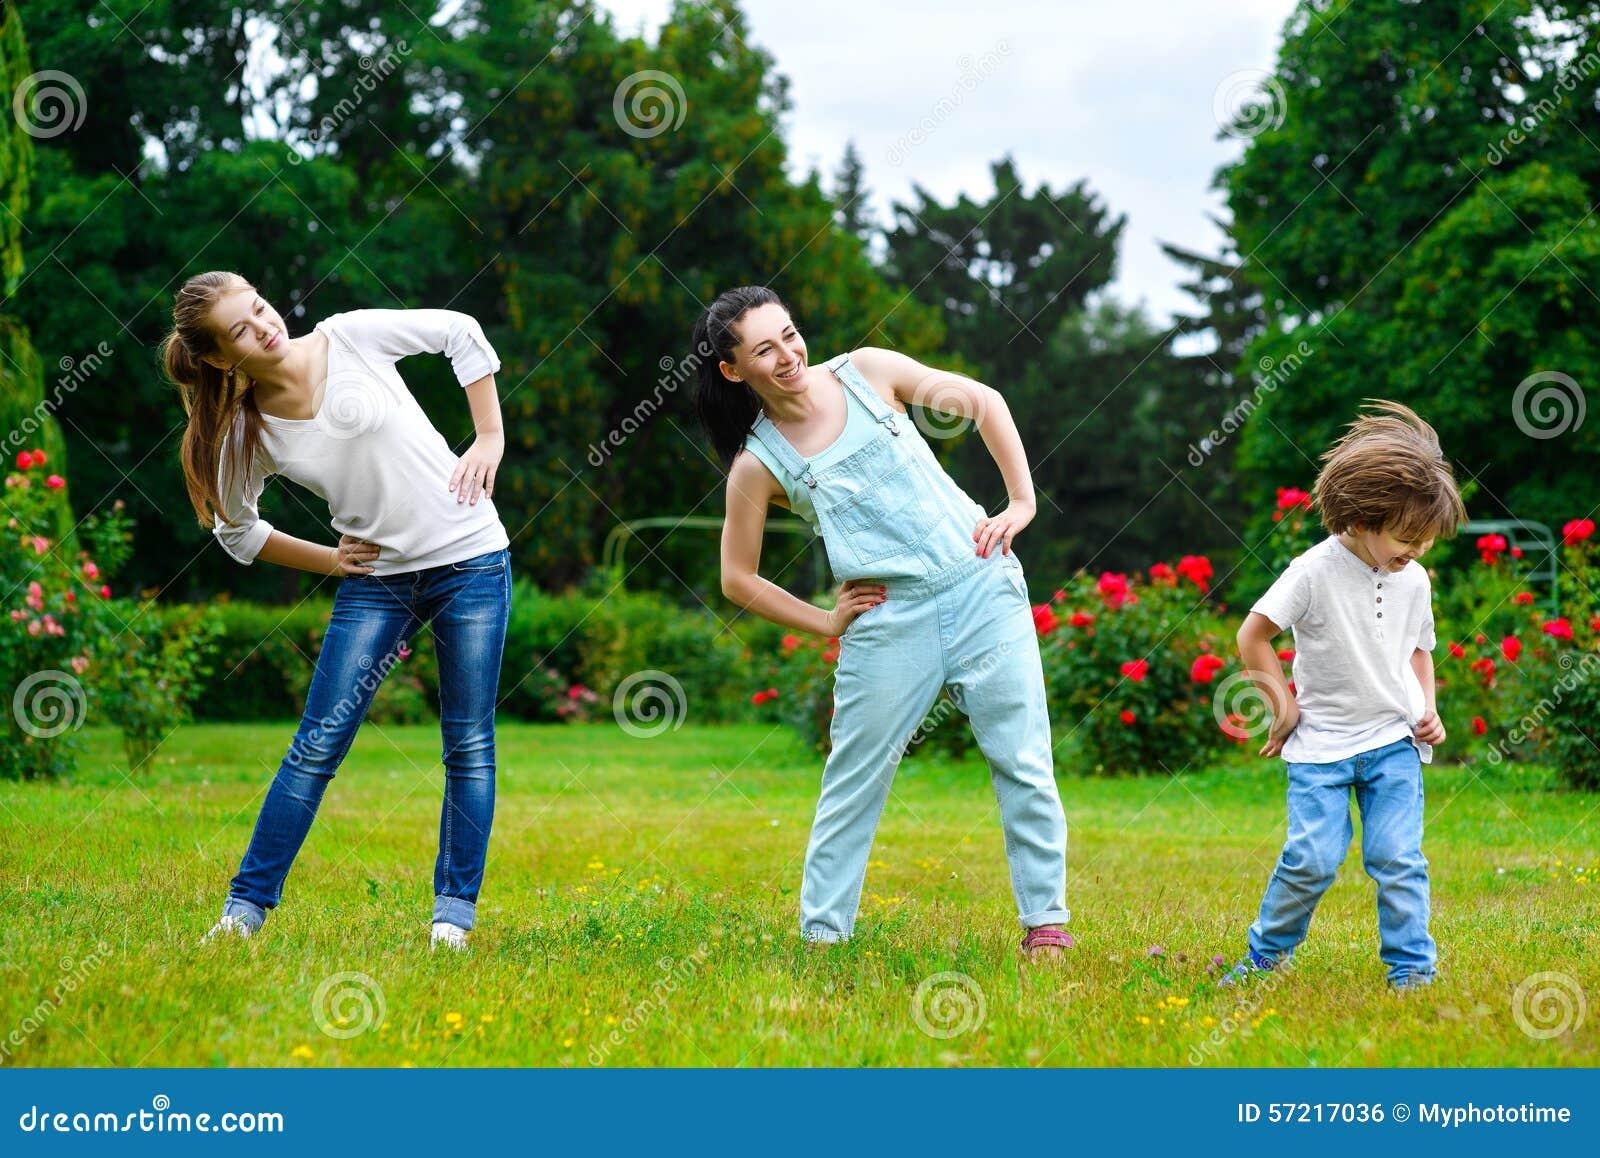 Retrato de la familia feliz que hace ejercicio físico